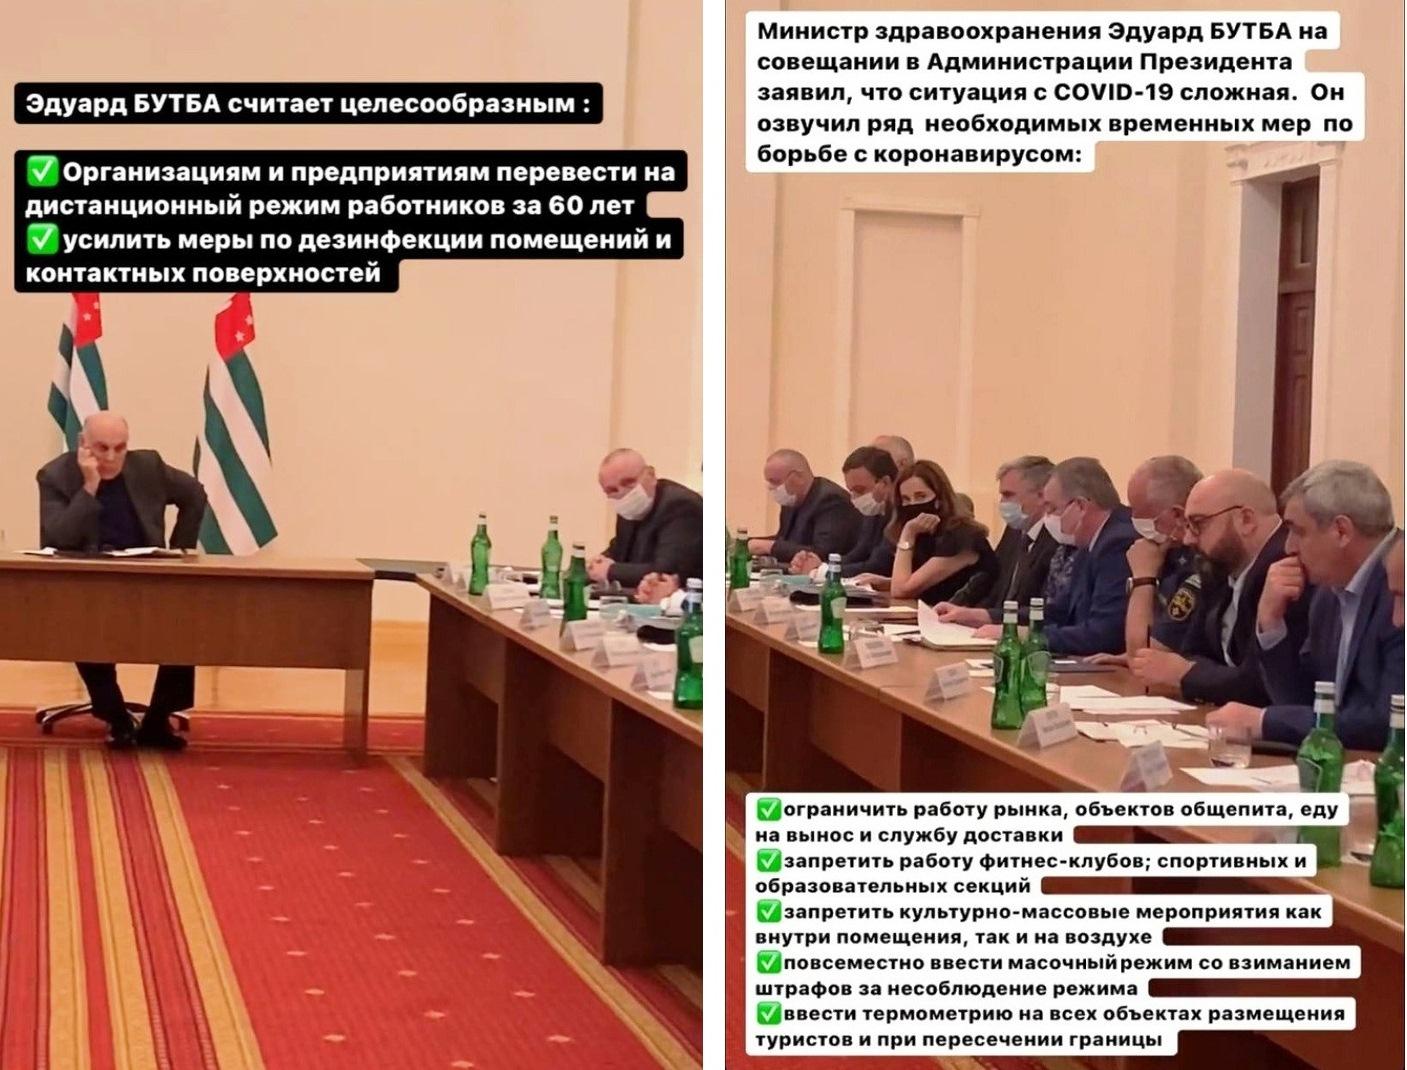 В Абхазии возможно ужесточение антиковидных ограничений